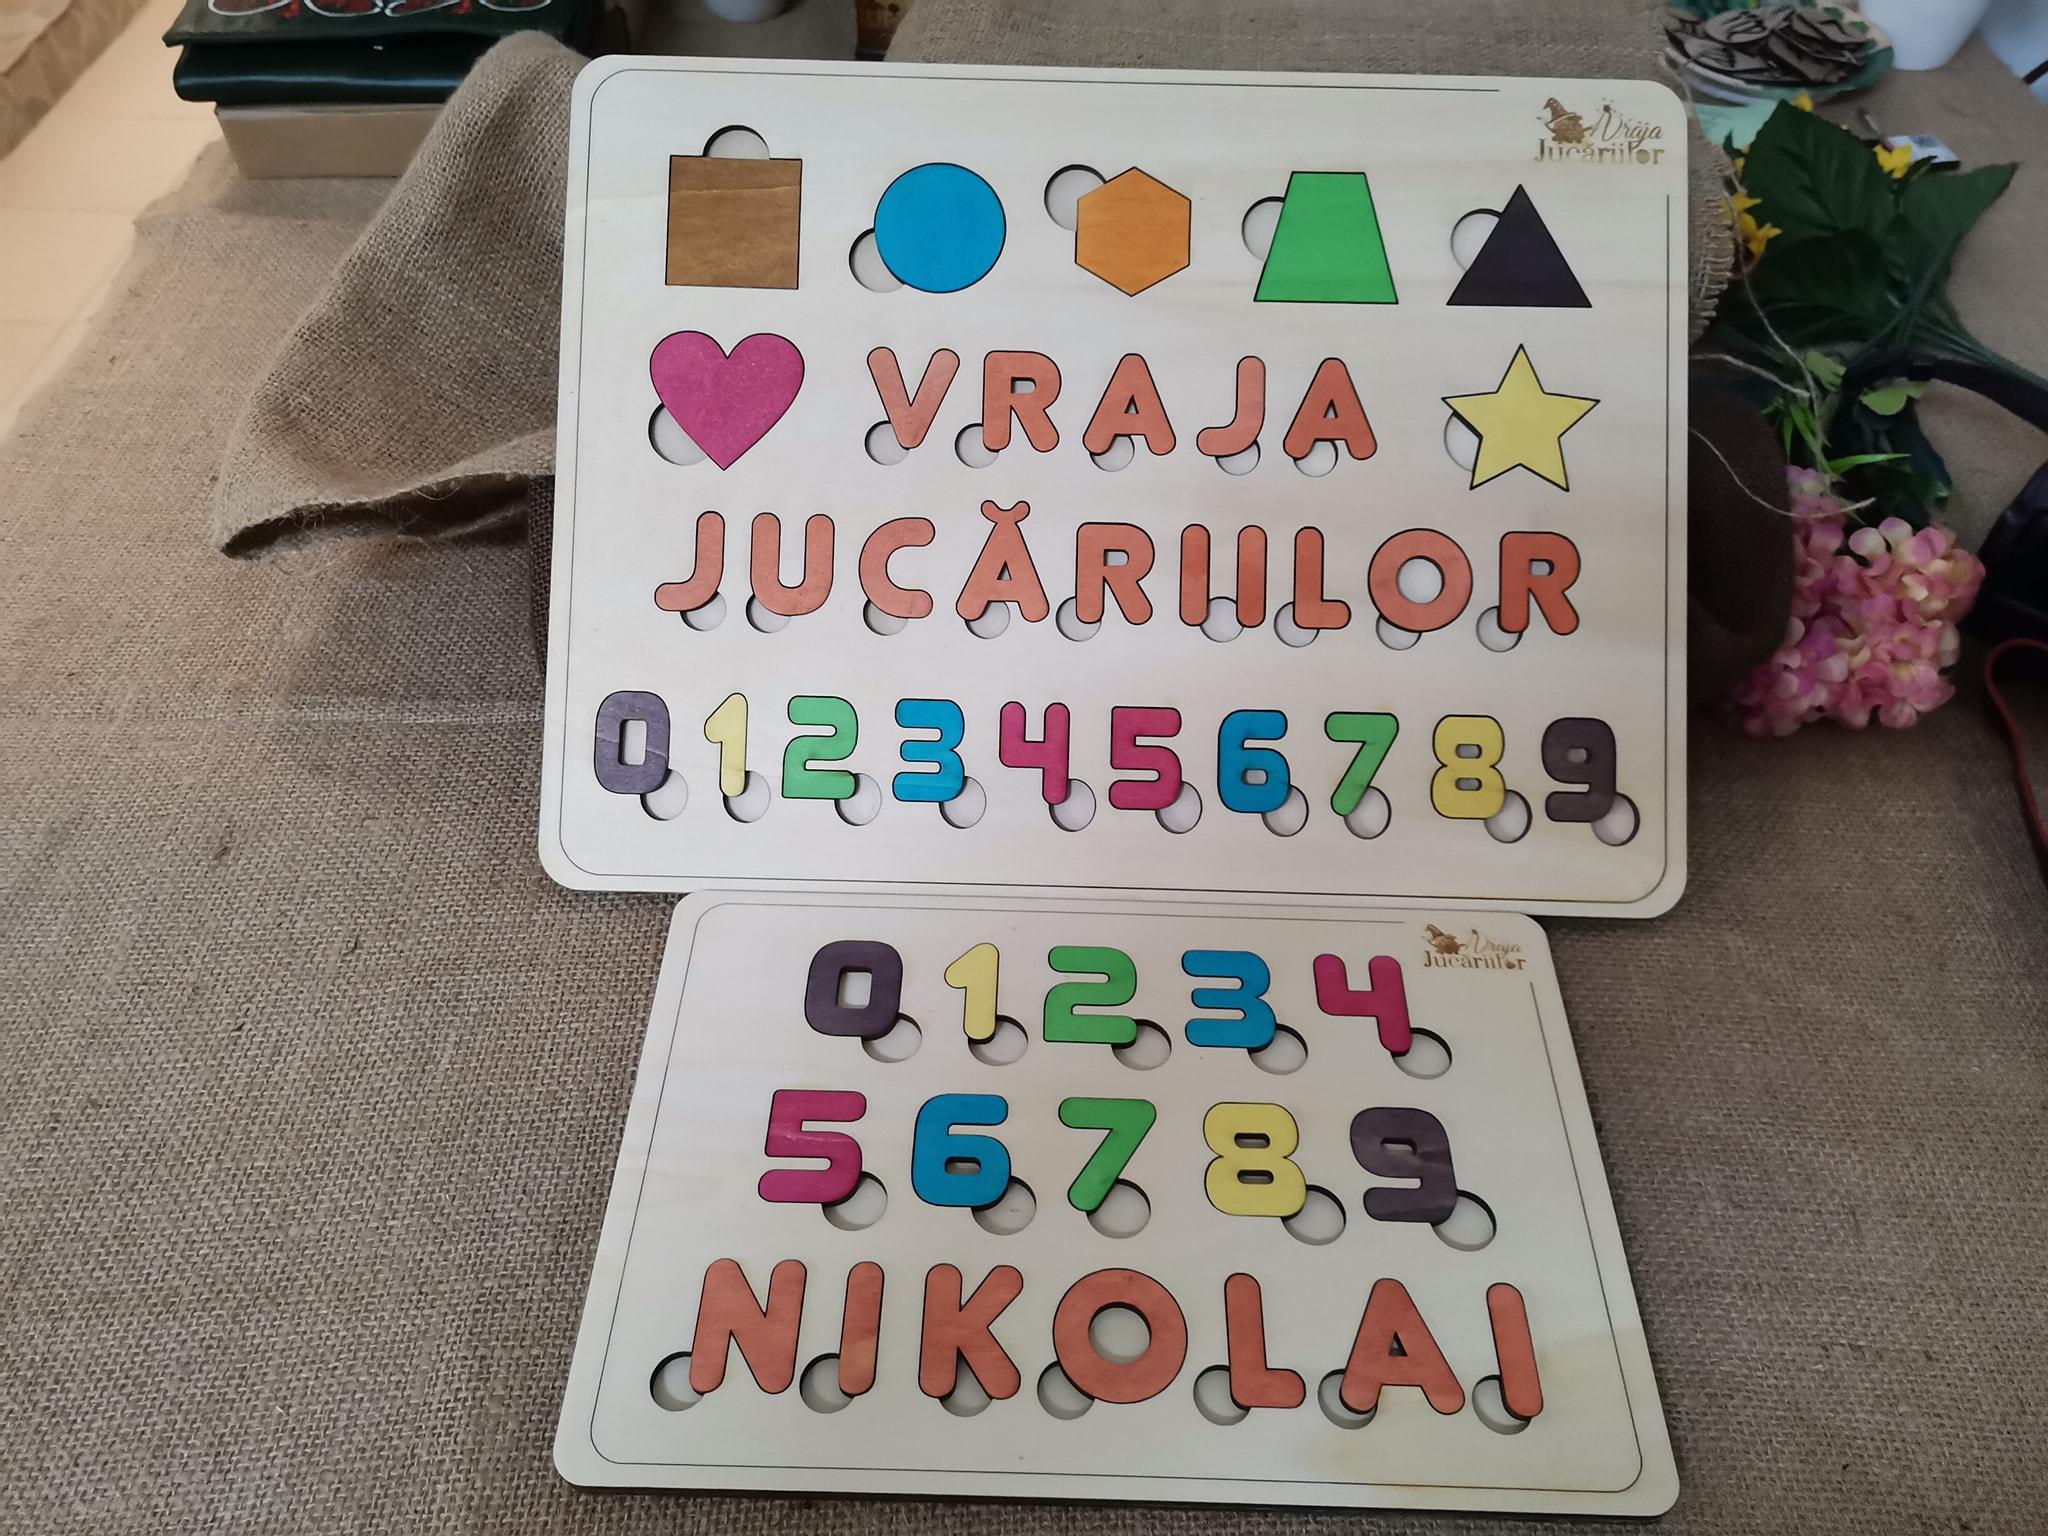 https://vrajajucariilor.com/collections/puzzle-incastru-din-lemn-personalizat-cu-nume